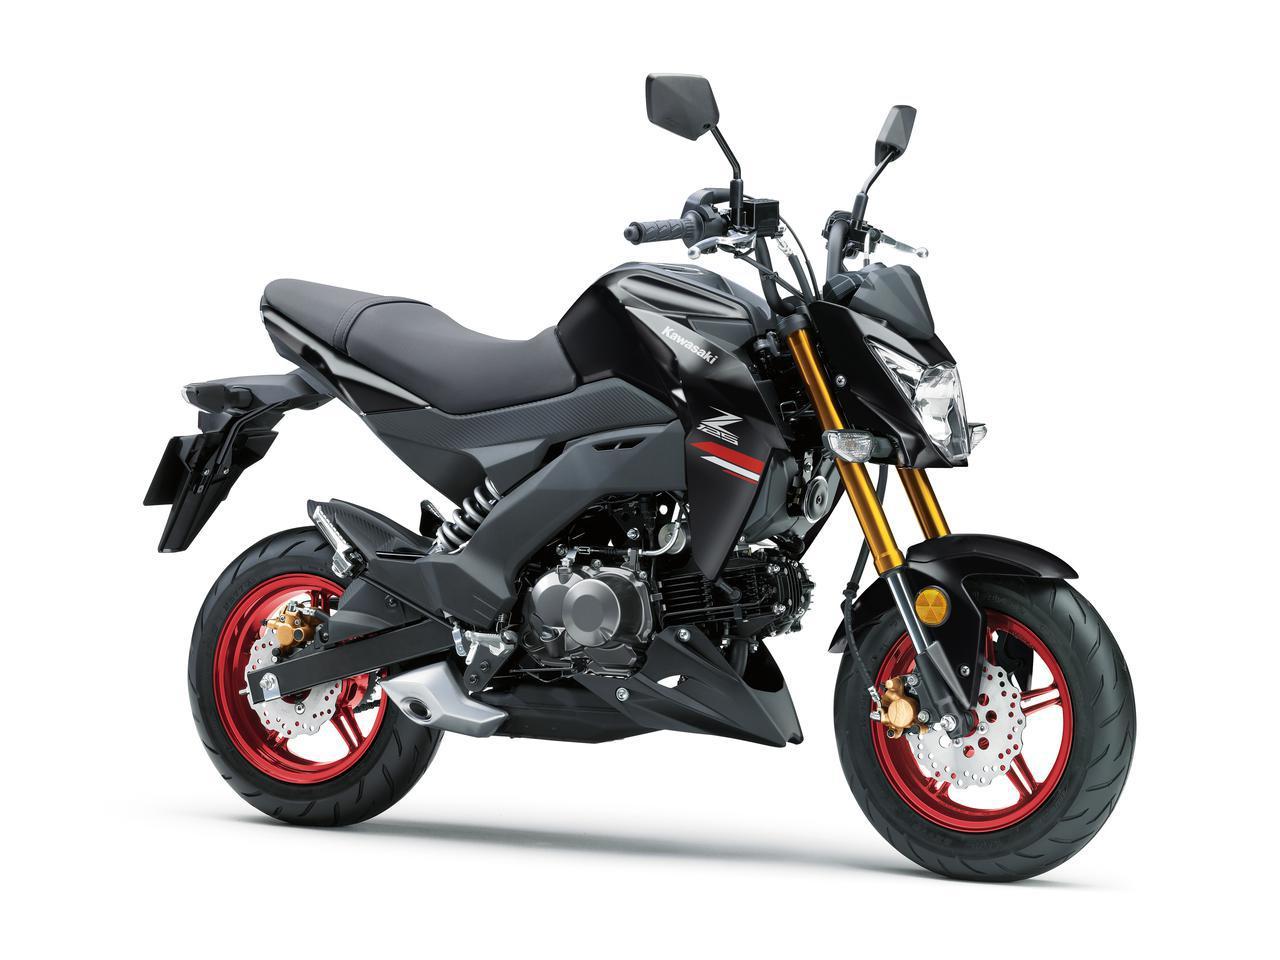 画像: Kawasaki Z125 PRO 2021年モデル/カラー:メタリックフラットスパークブラック 総排気量:124cc エンジン形式:空冷4ストSOHC2バルブ単気筒 メーカー希望小売価格:35万2000円